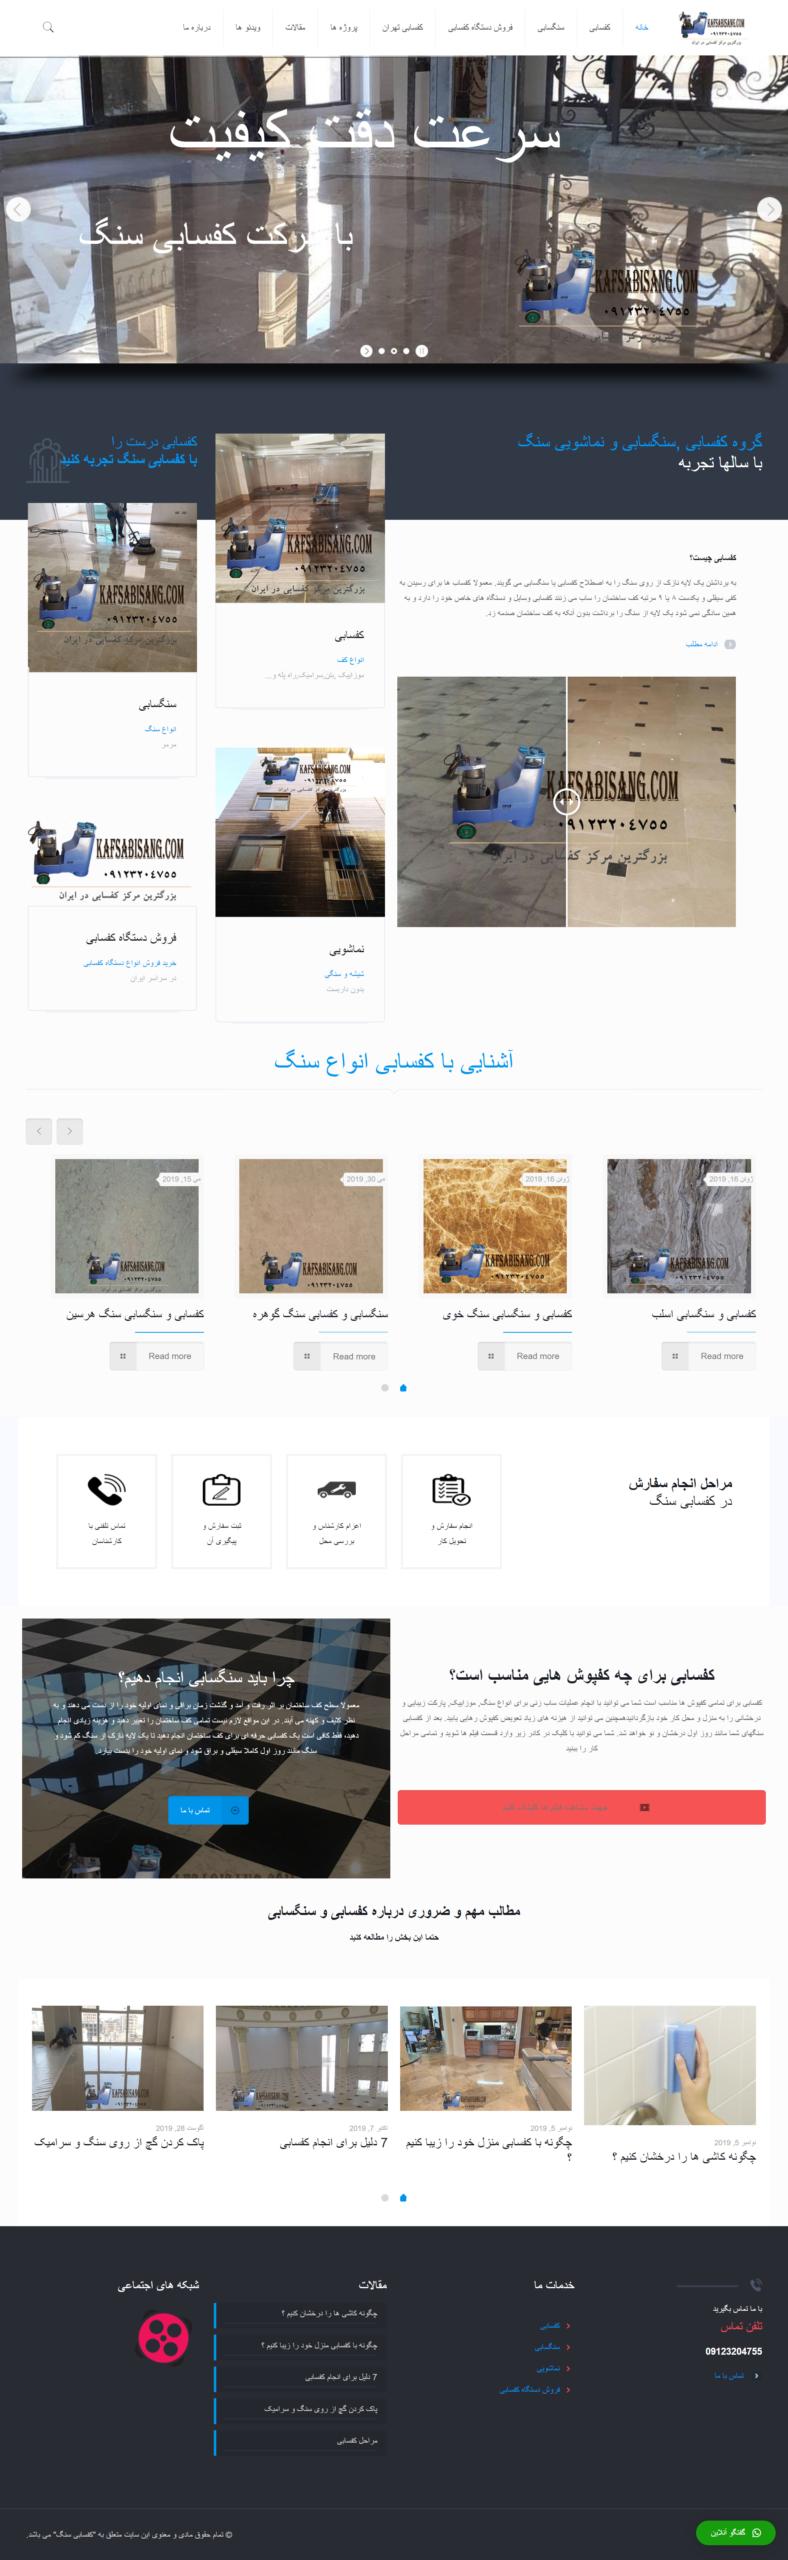 طراحی سایت کفسابی سنگ